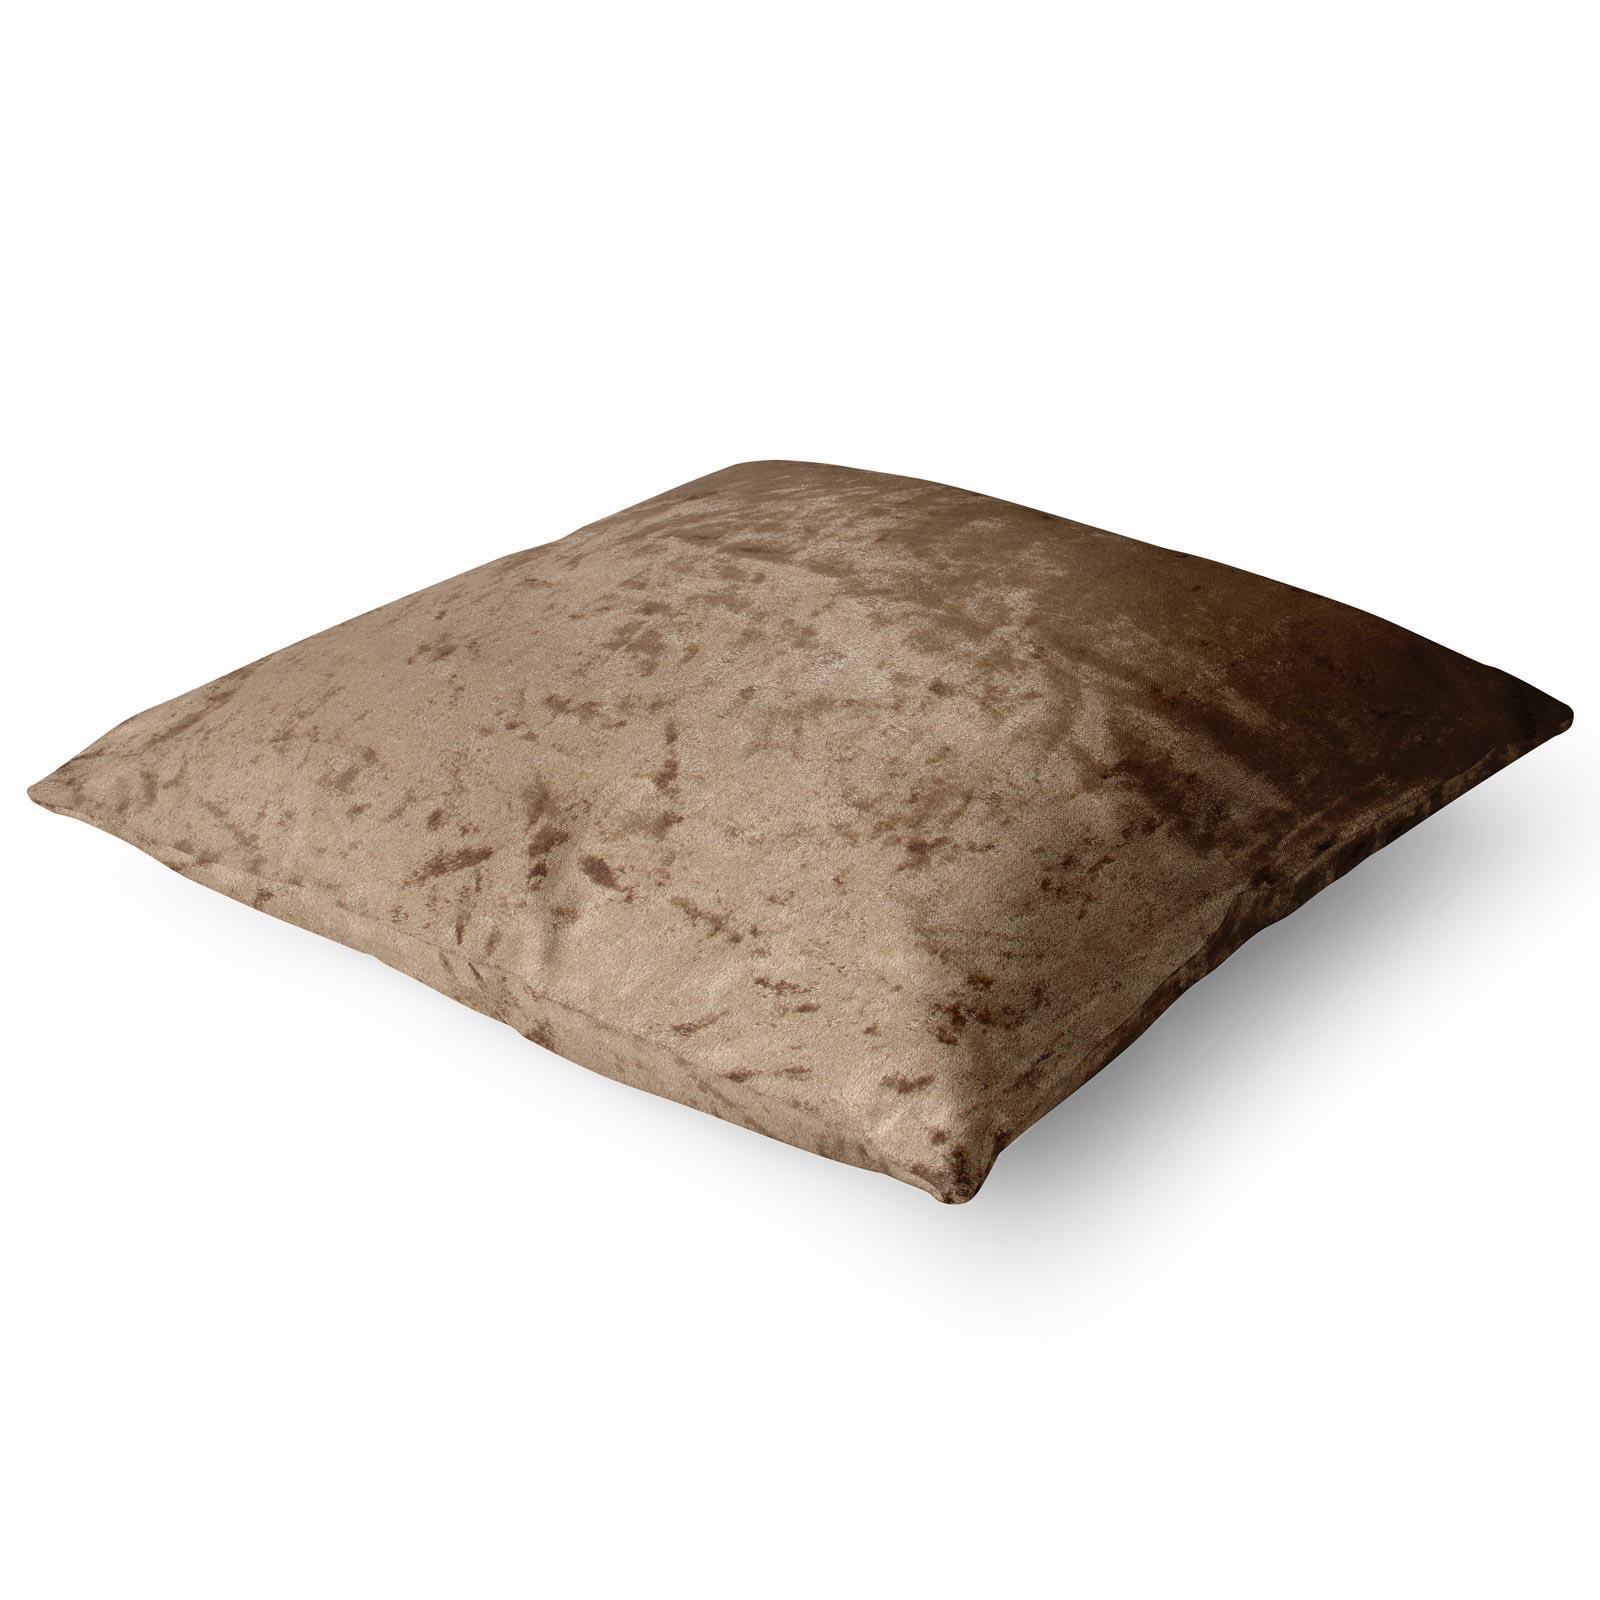 Cuscino-di-velluto-schiacciato-copre-GLAM-Tinta-Unita-Copricuscino-18-034-x-18-034-45cm-x-45cm miniatura 33